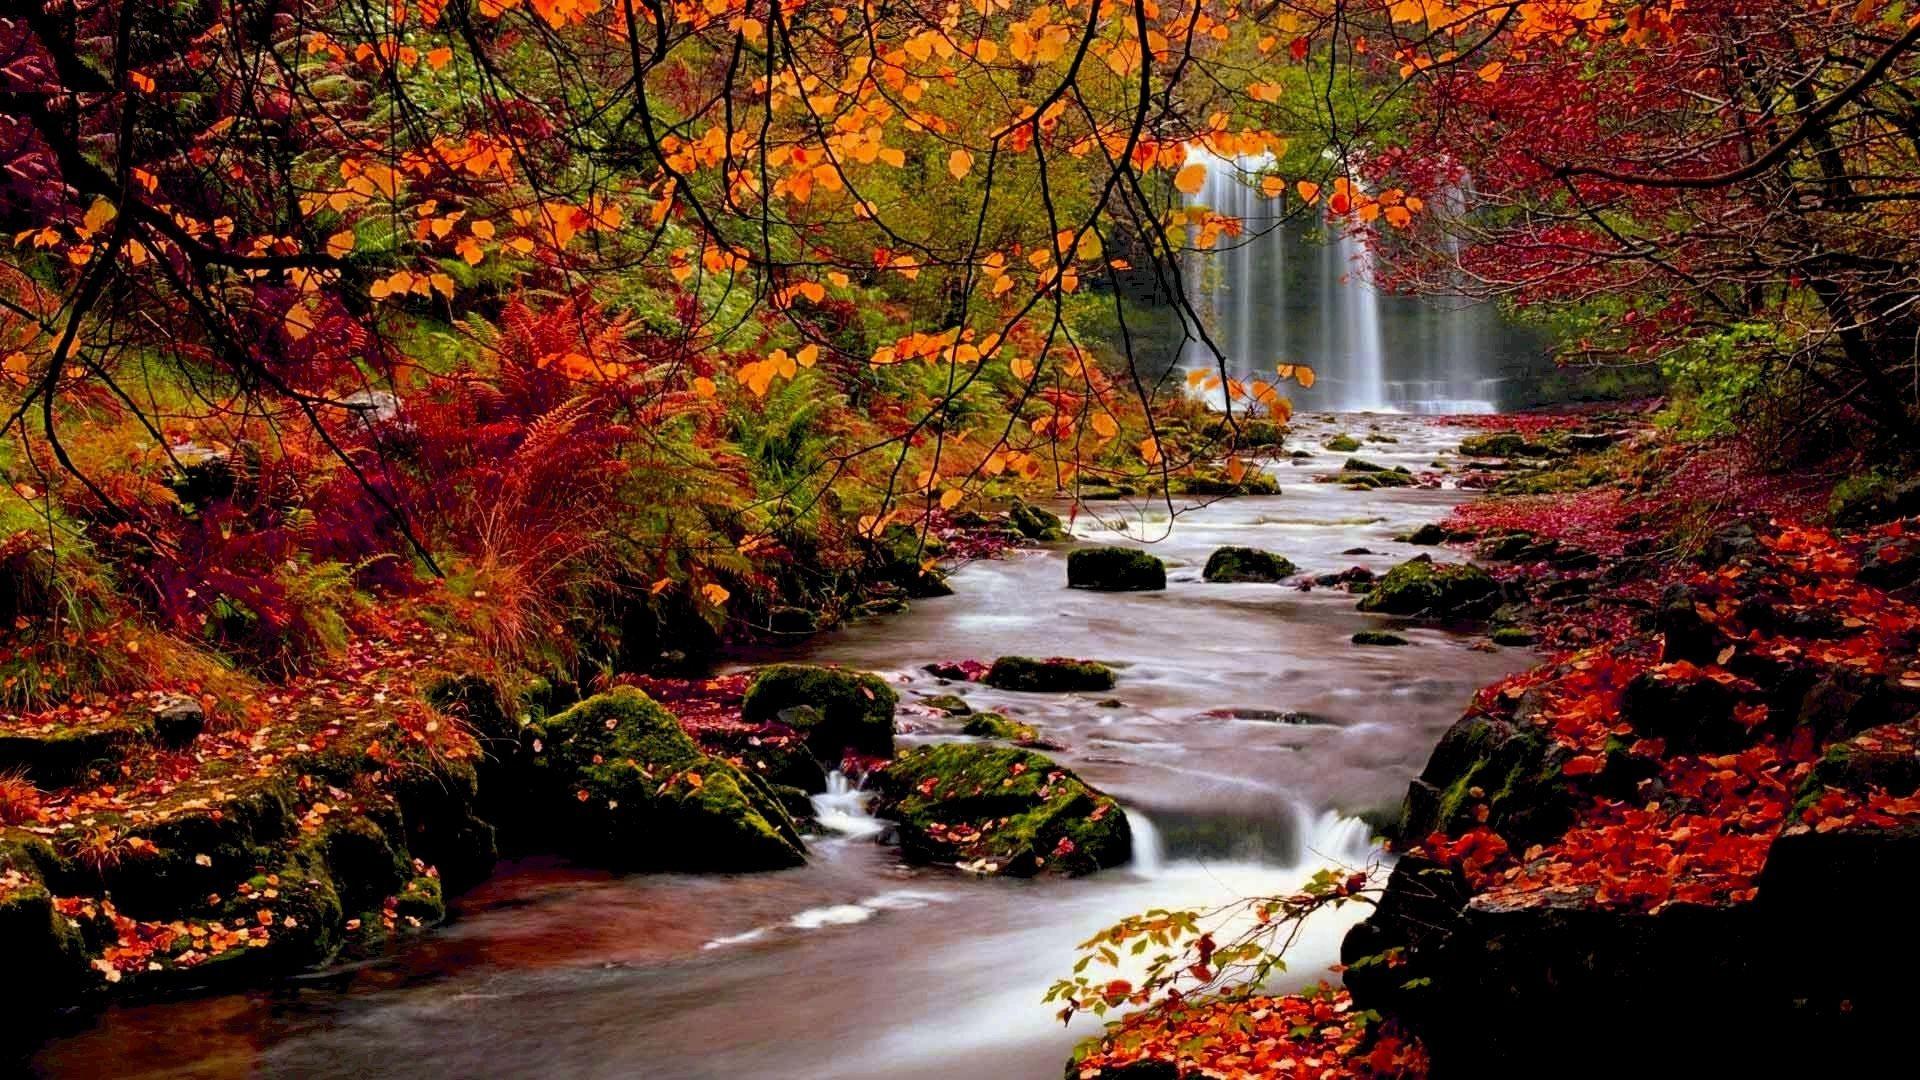 Desktop Wallpaper Autumn Scenes 41 Images